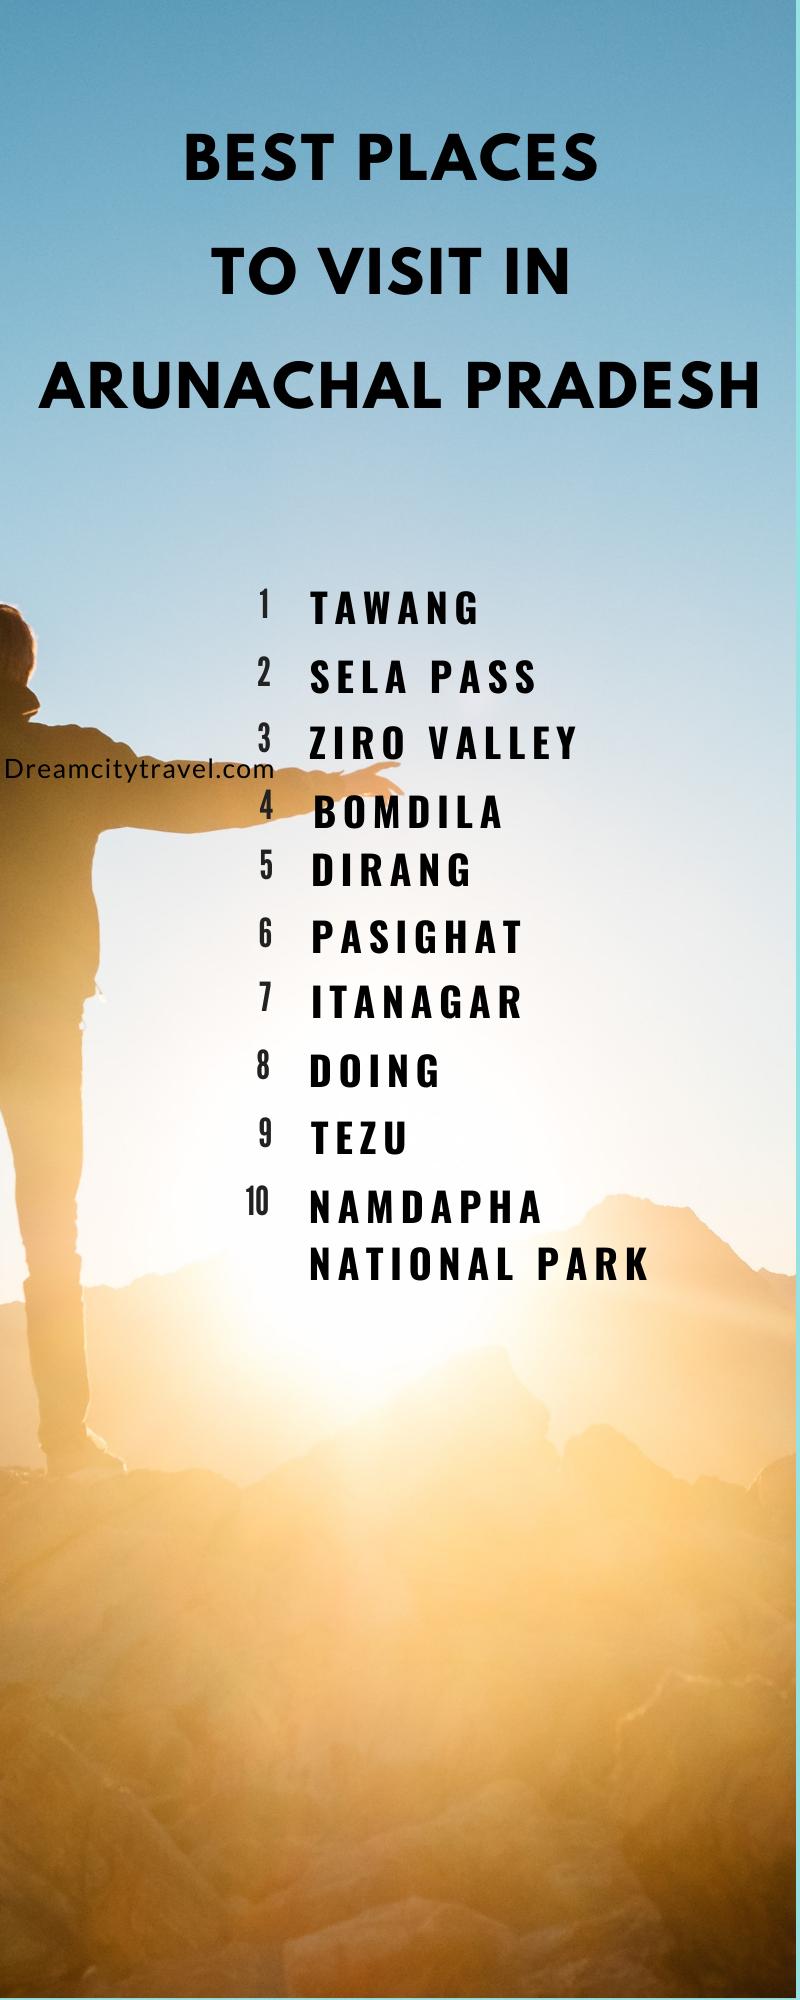 Best Places to Visit in Arunachal Pradesh - infographic